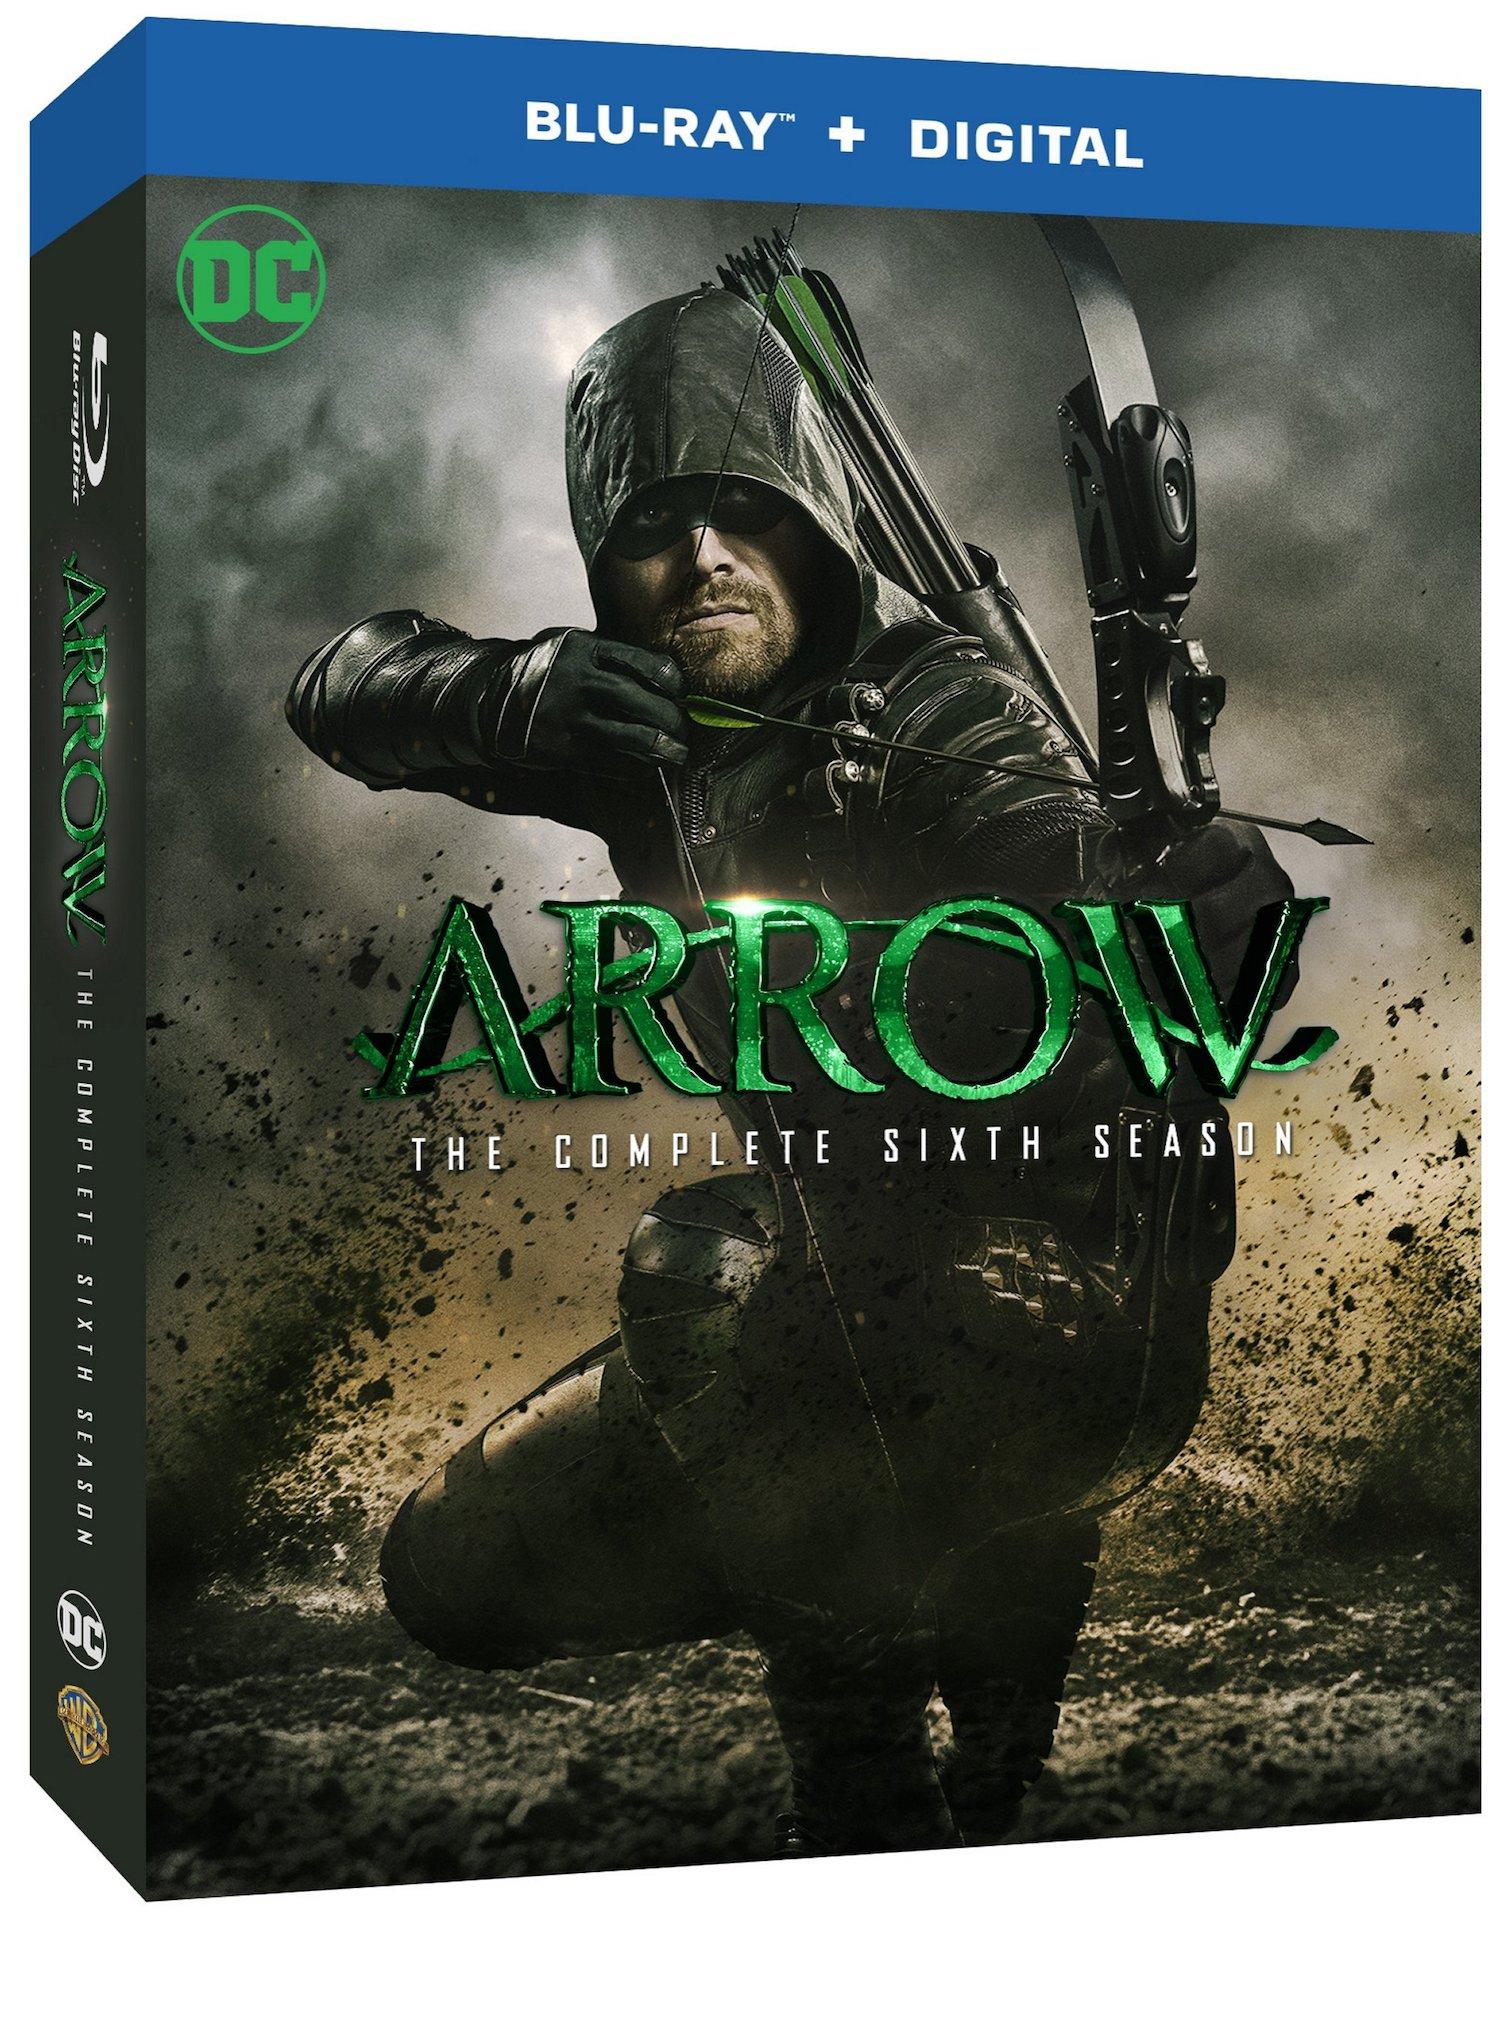 Arrow S6 BD1.JPEG